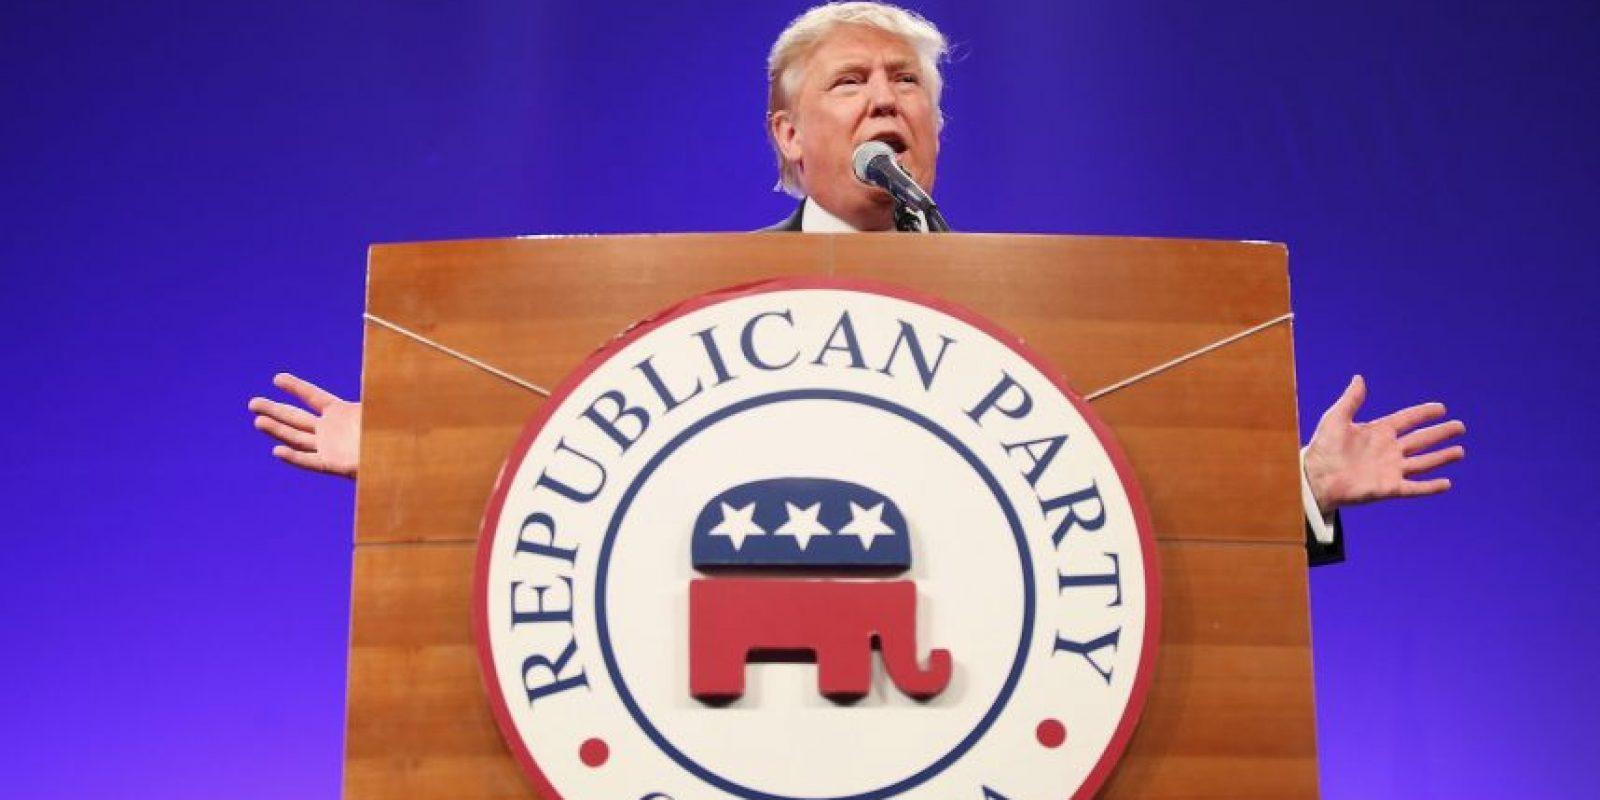 Una encuesta de la Universidad de Quinnipiac en Connecticut, Estados Unidos, reveló que el precandidato a la presidencia Donald Trump es el más amado y el más odiado entre los republicanos. Foto:Getty Images